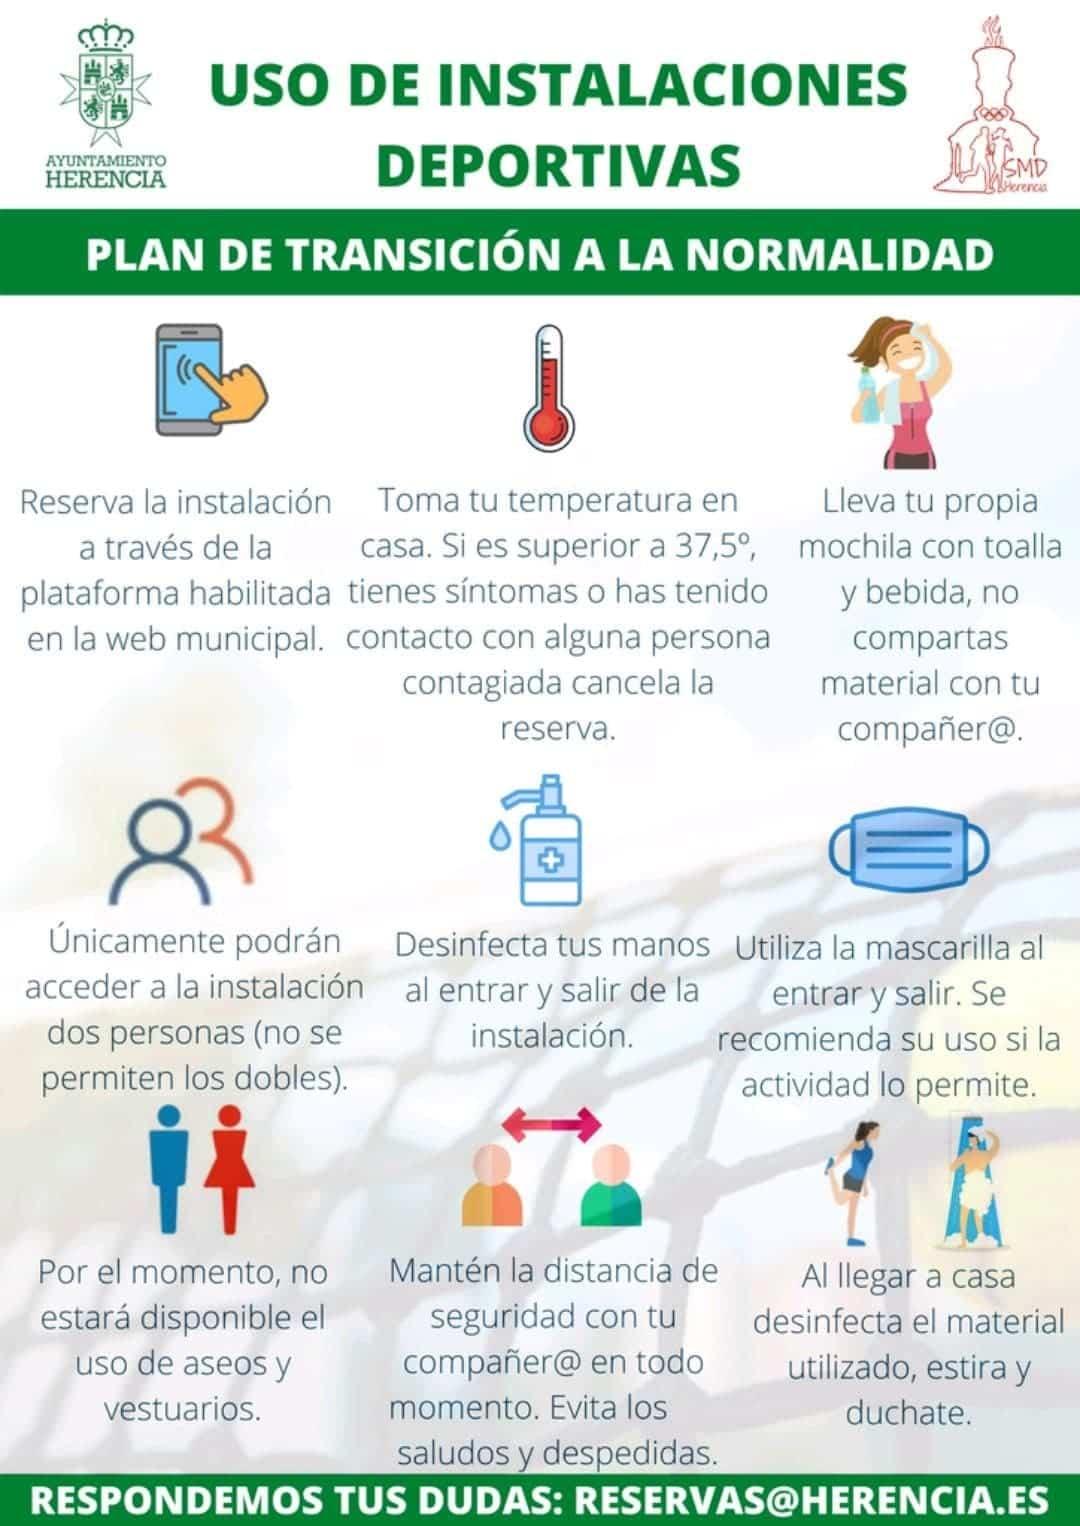 Apertura progresiva de las instalaciones deportivas en fase 1 en Herencia 3